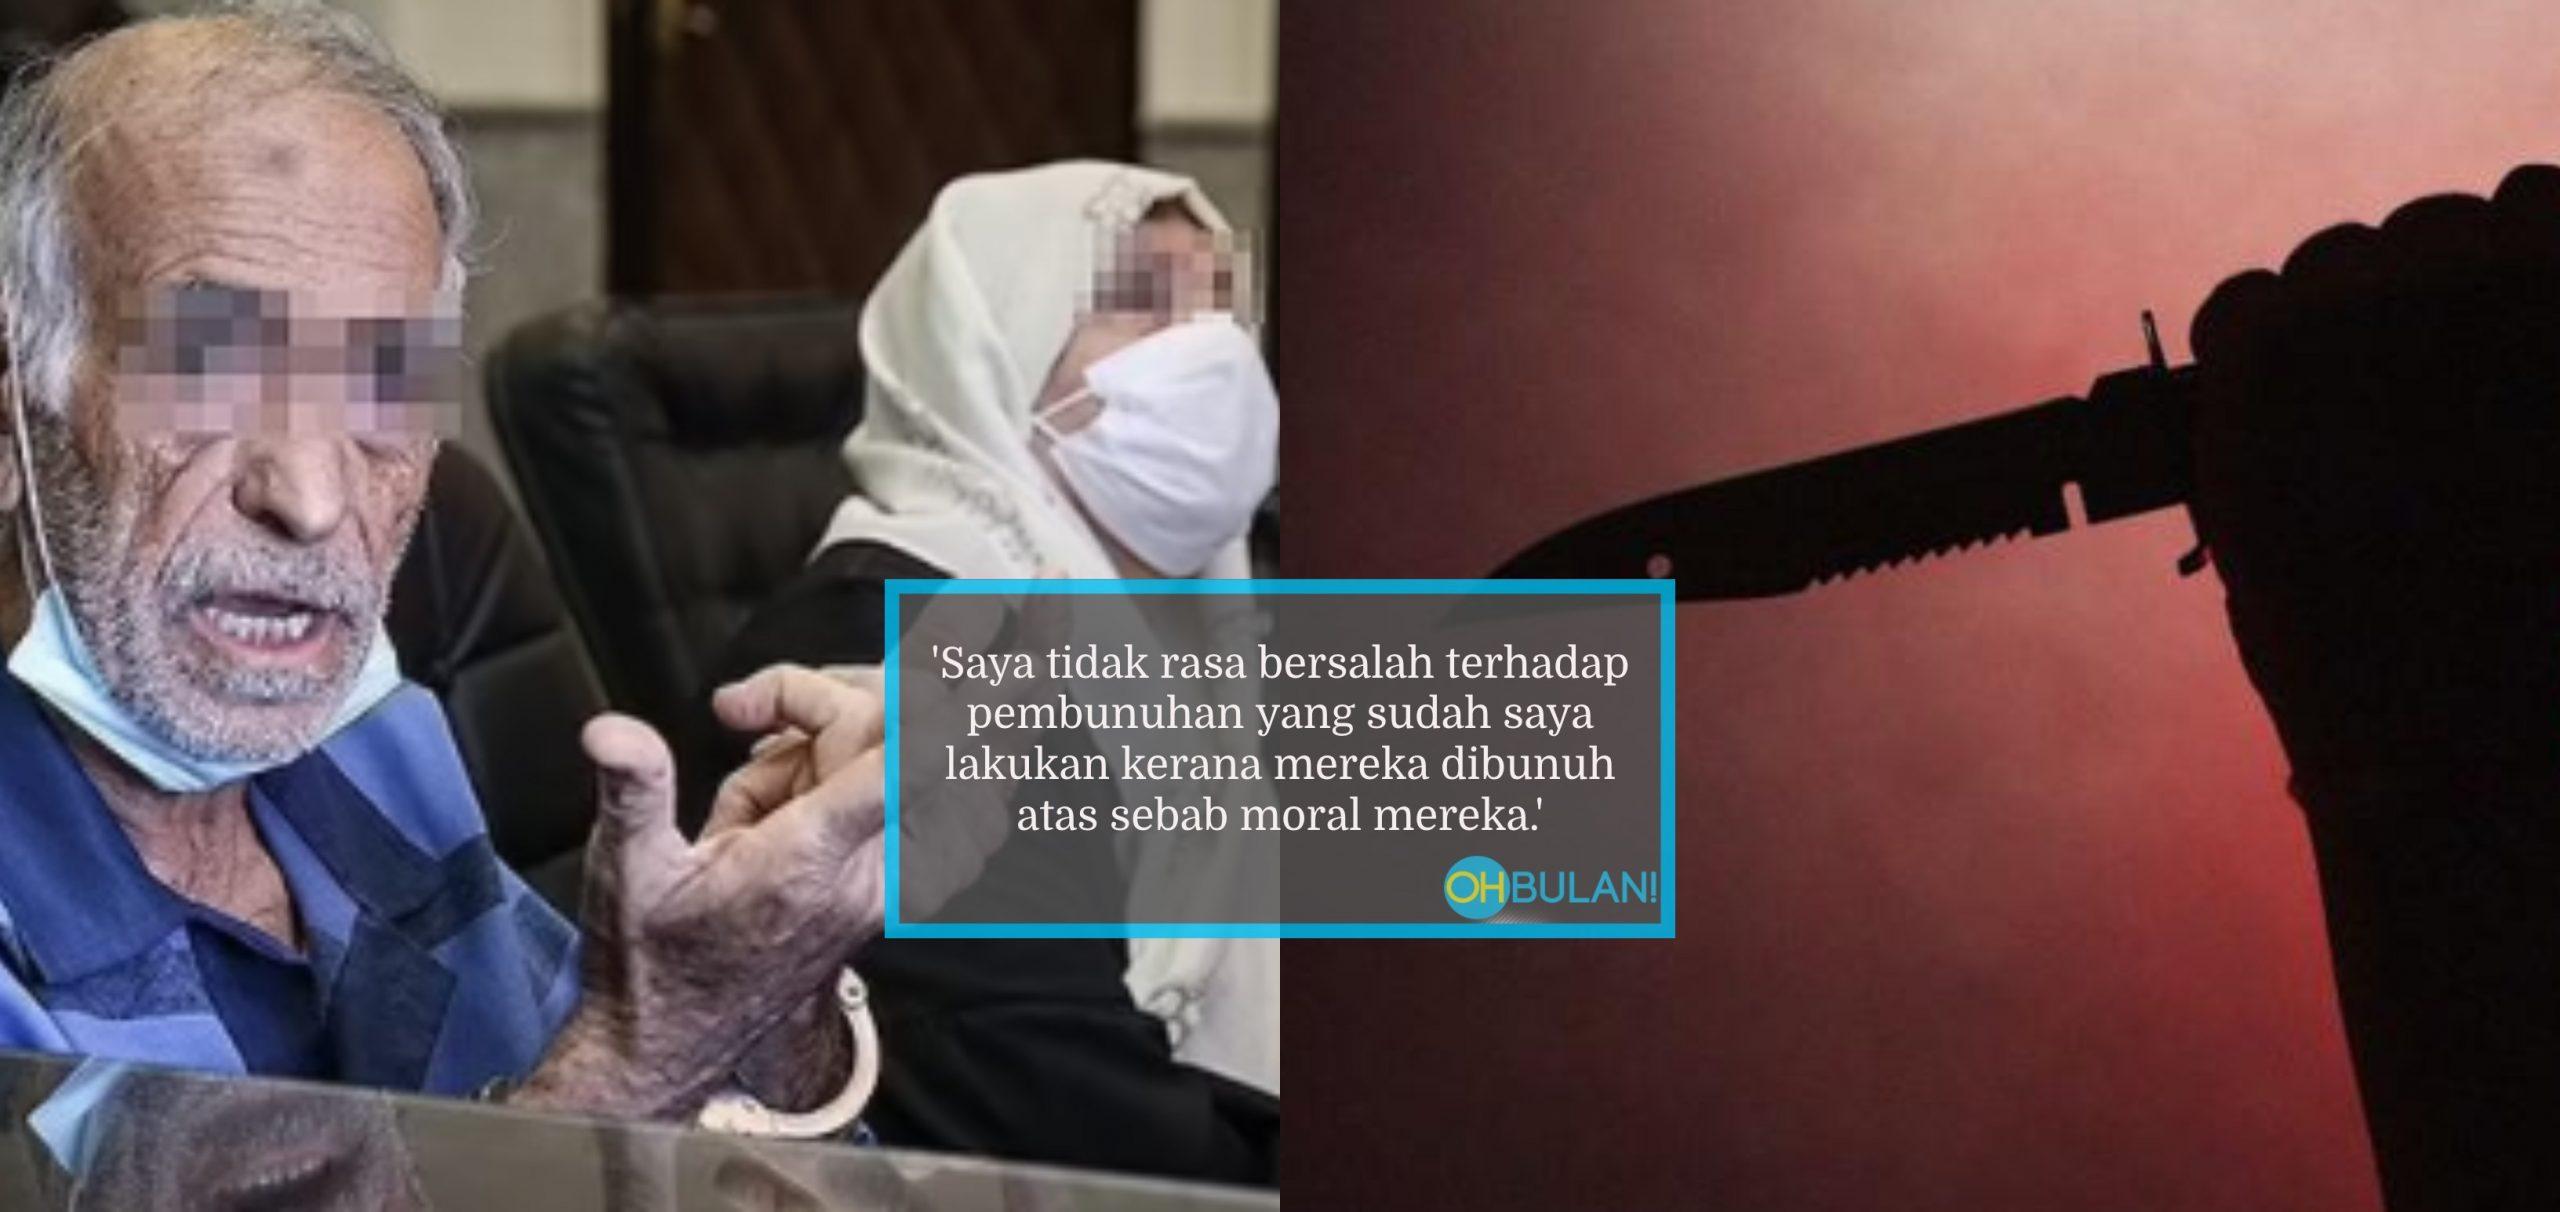 Demi Jaga Maruah Keluarga, Pasangan Warga Emas Bunuh Dua Anak & Menantu